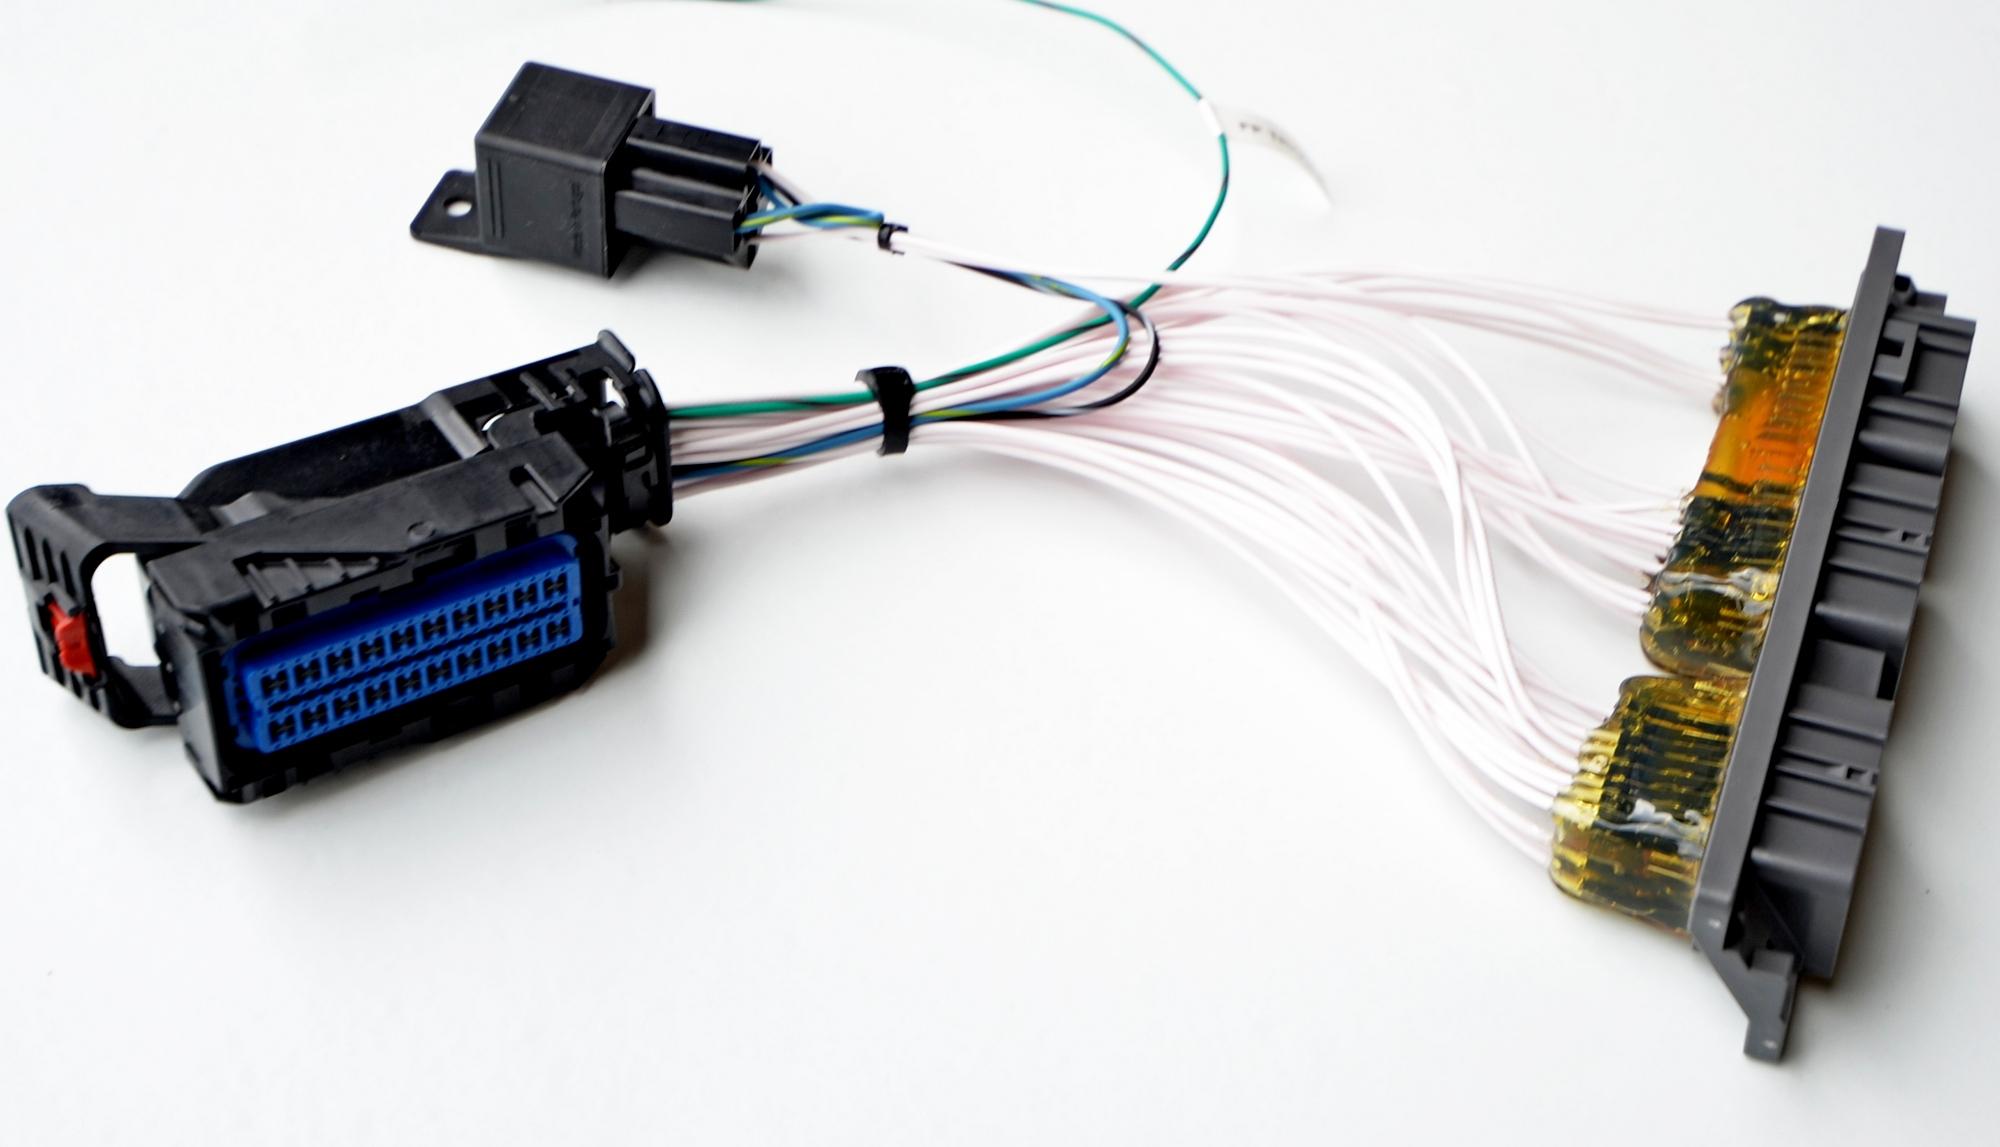 Index Of Wiring Harness And Ecu For Ls1 1622 491k Frspic1 26 Nov 2013 1627 112k Frspic2 1633 126k Inf6 Patch 1 30 Jun 2015 1026 520k 2